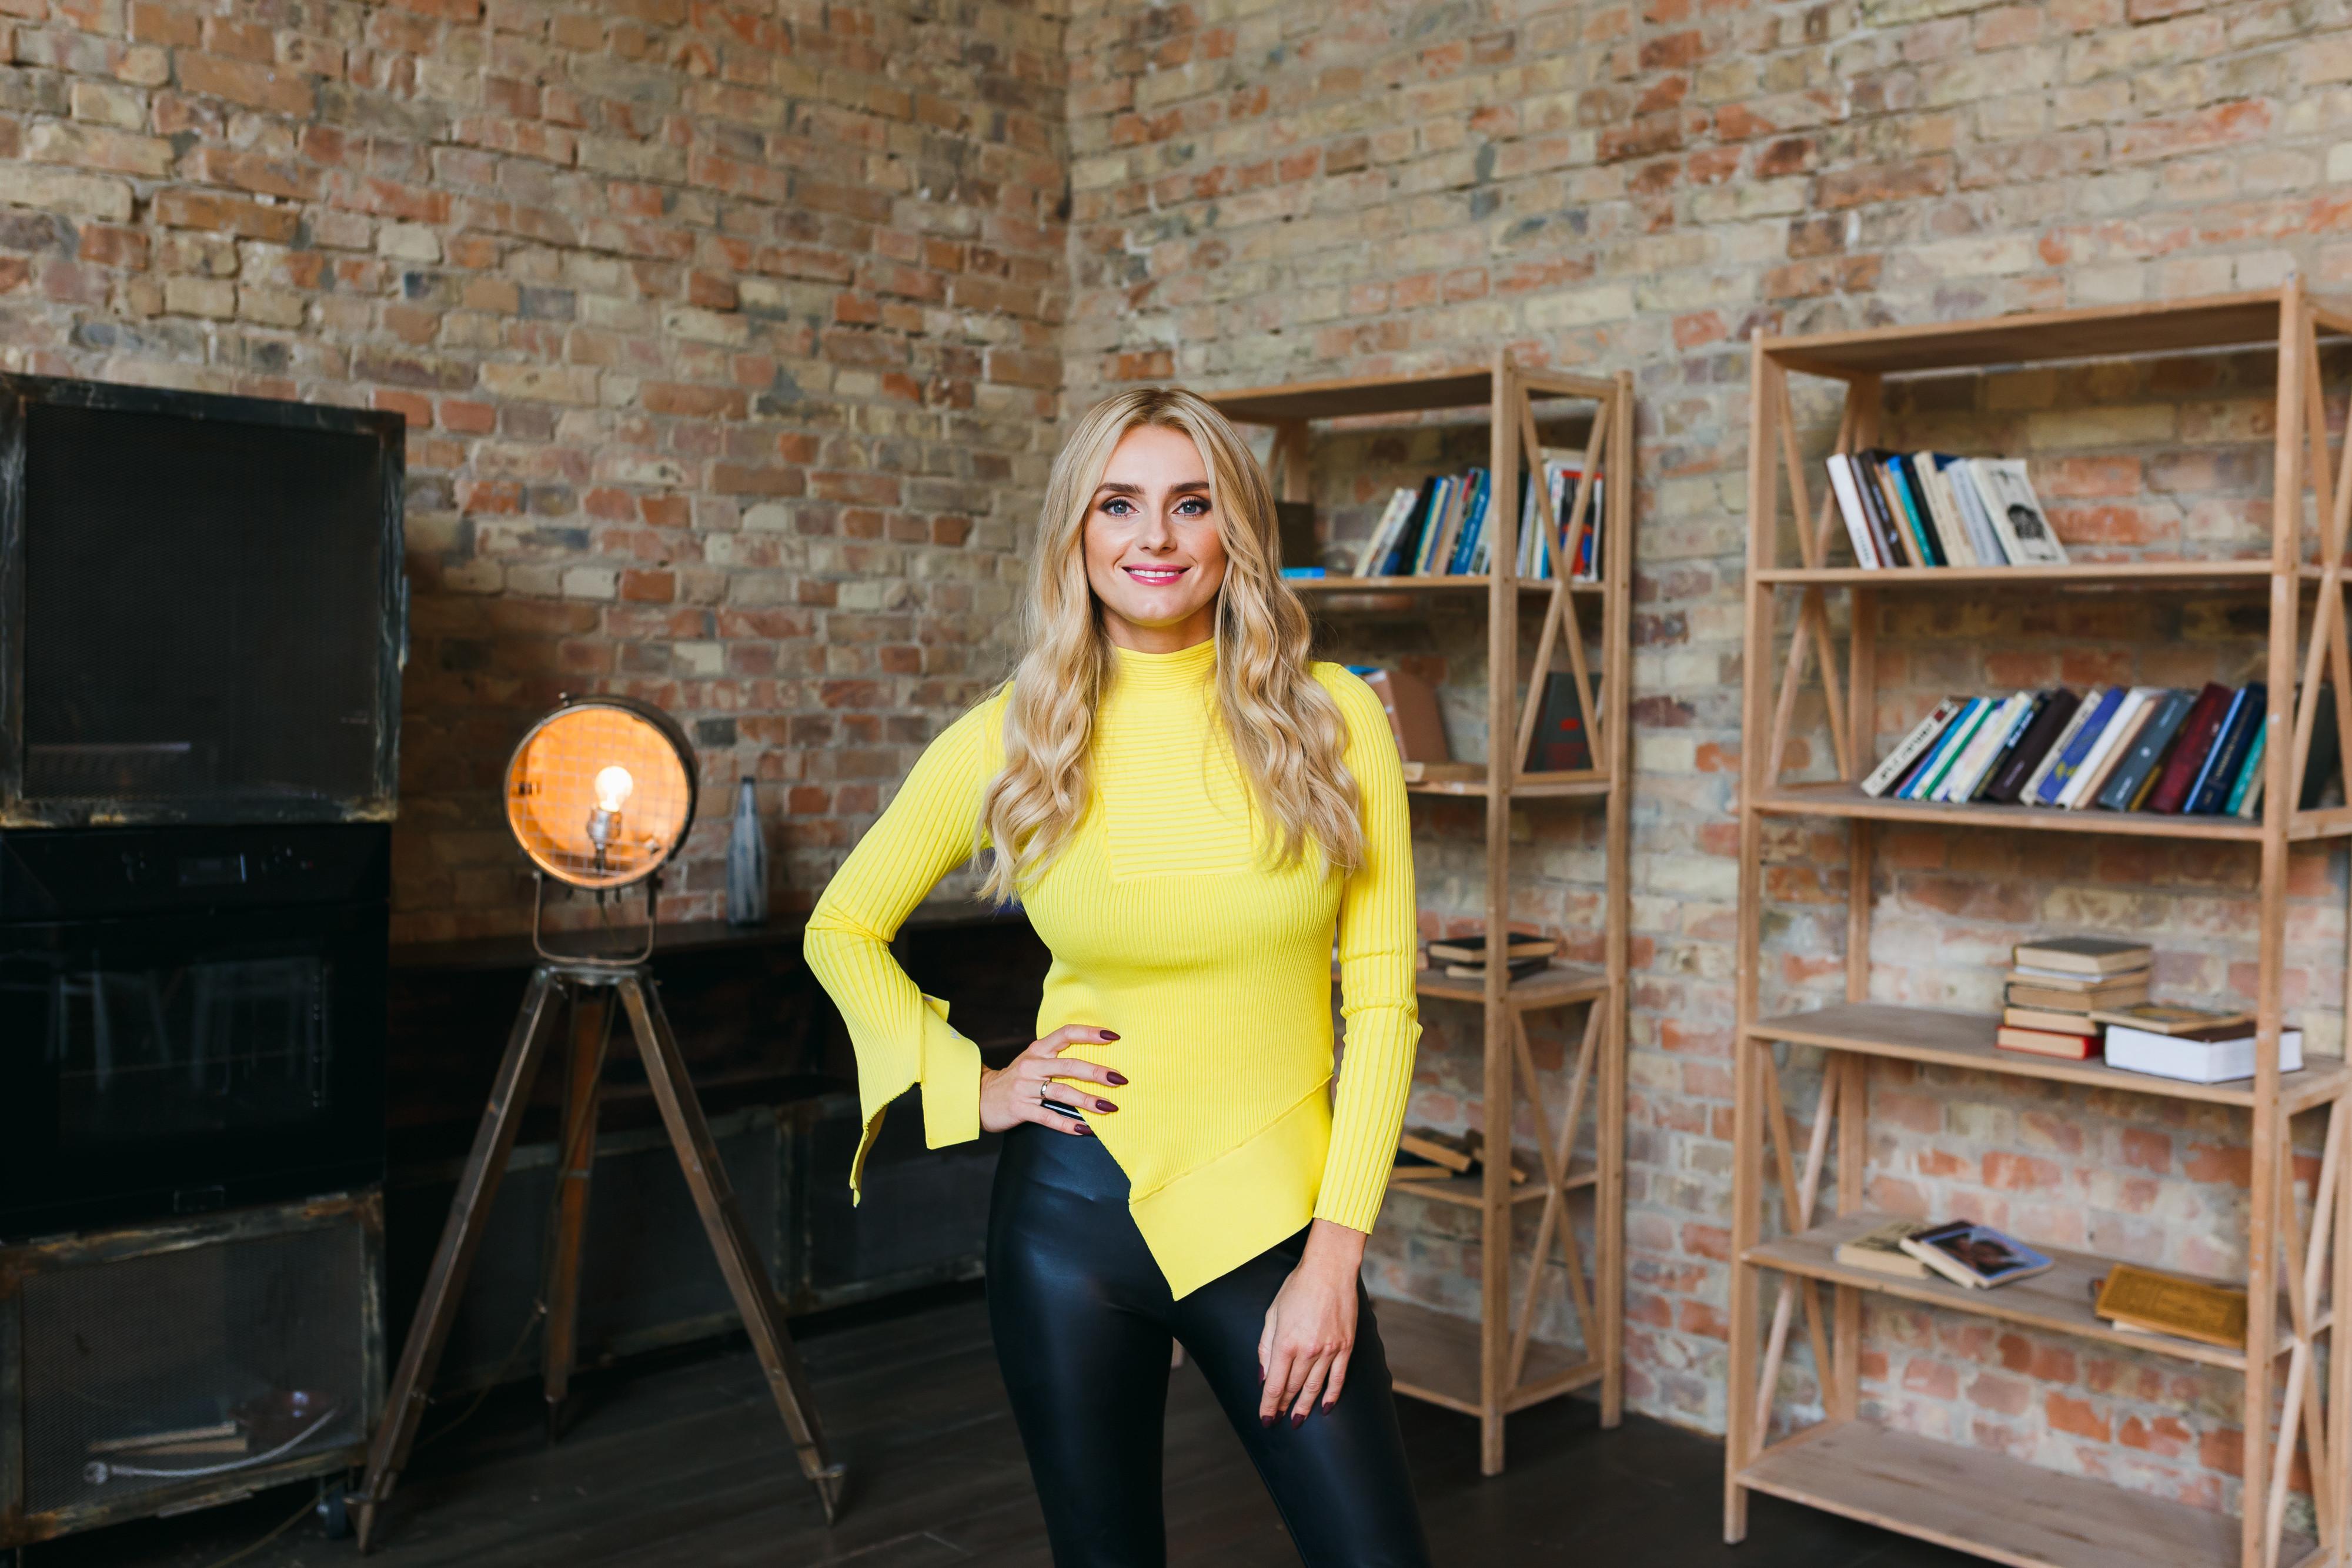 Ірина Федишин - про дует з Олегом Винником, життя на два міста і третю дитину